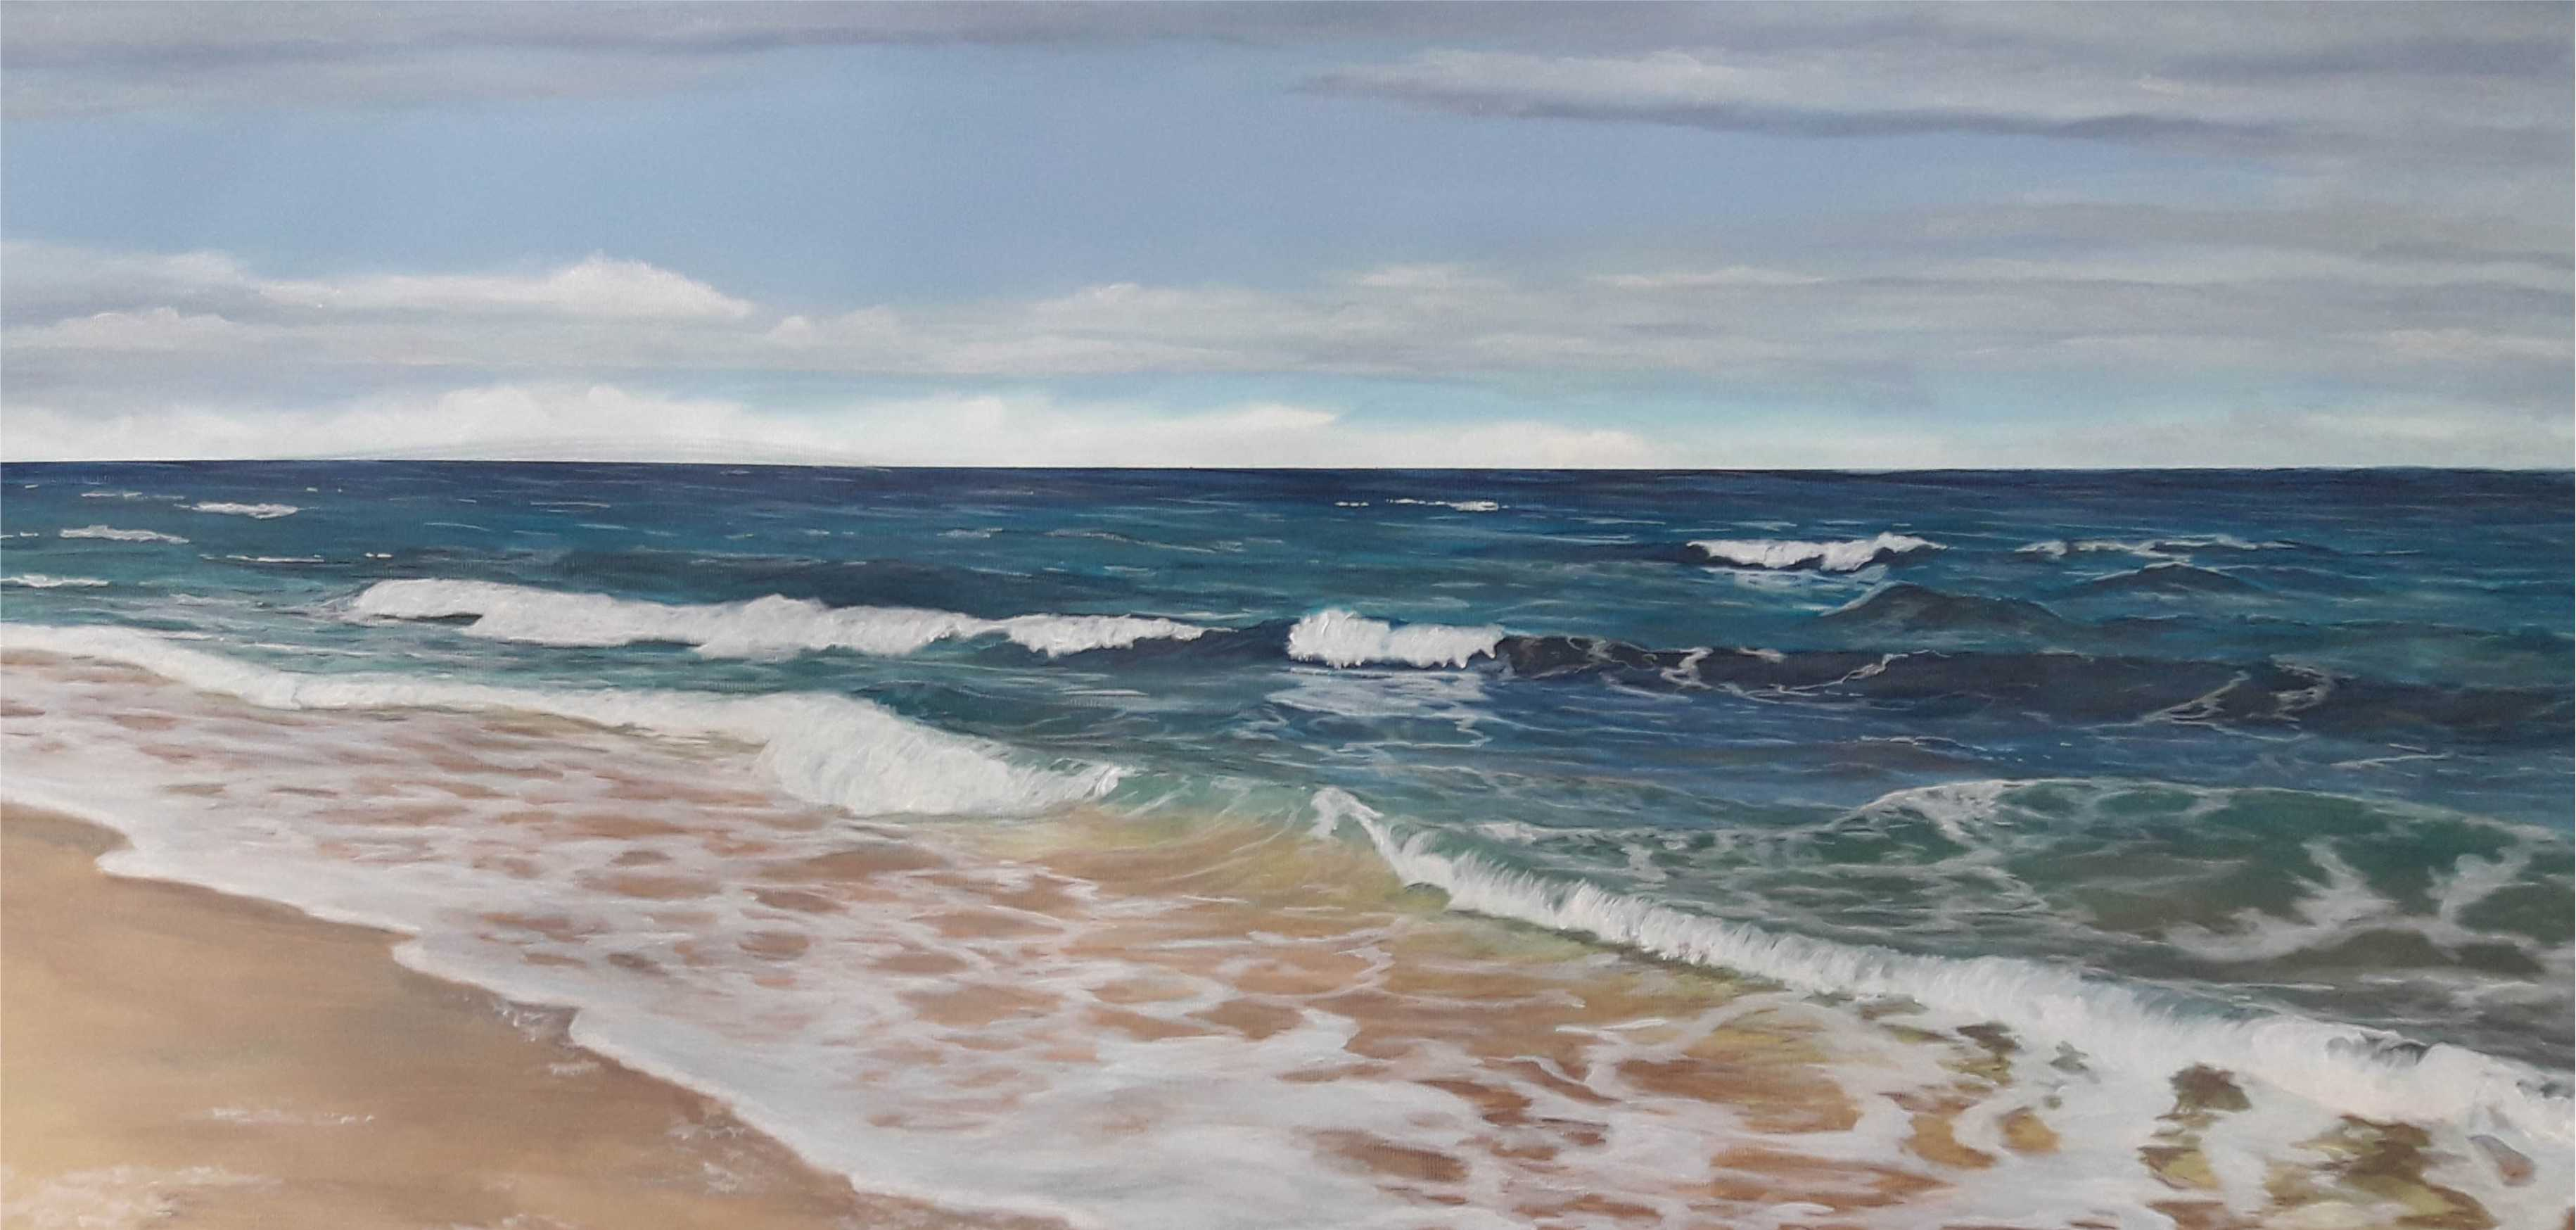 Kurs Himmel, Meer und Strand für Künstler, Kunstakademie Wertheim, Akademie für Fotorealismus, Atelier Leoni